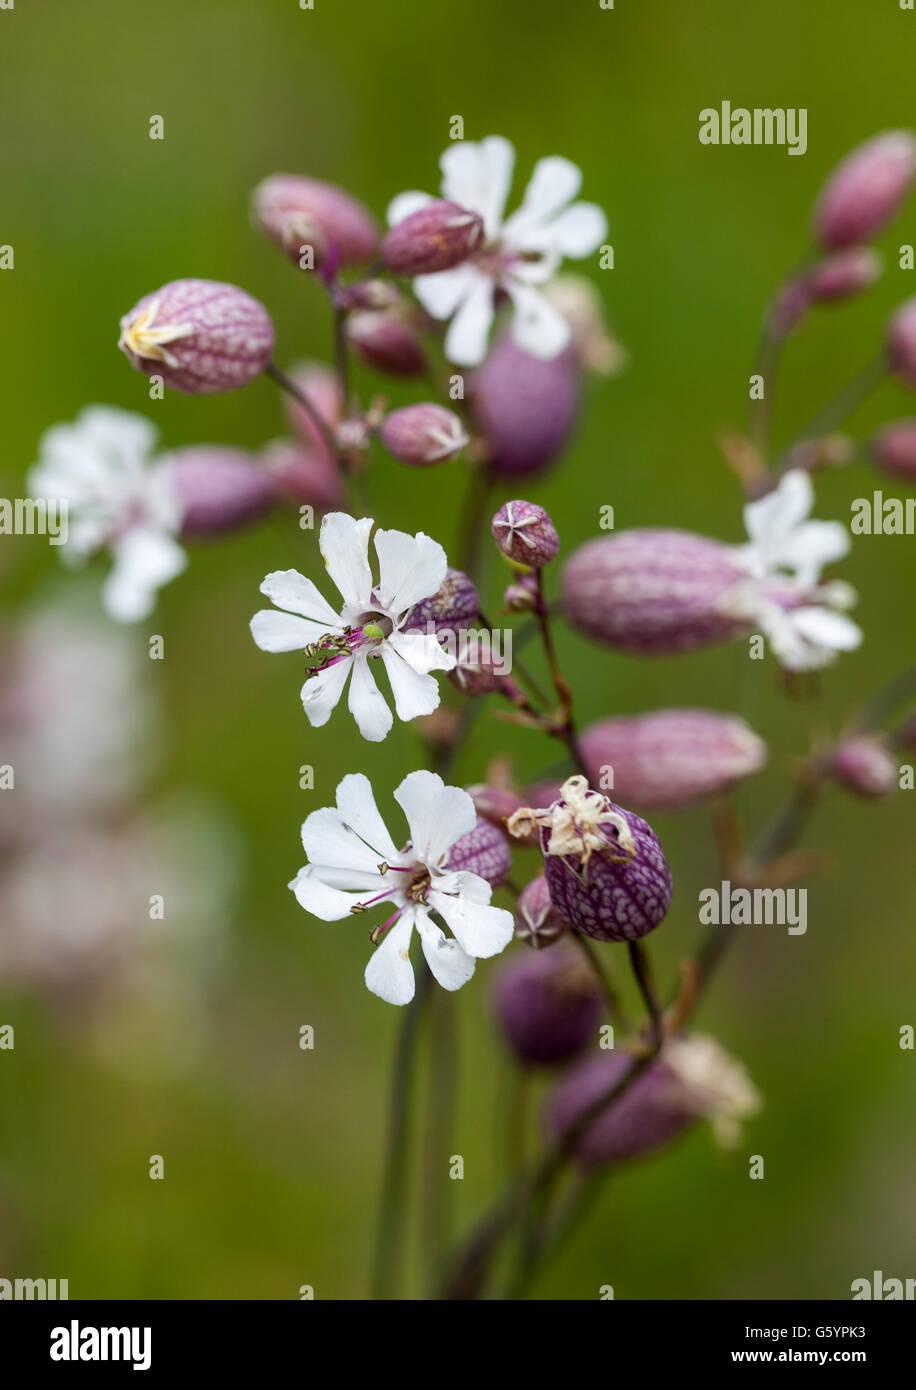 Bladder campion (Silene vulgaris var. littoralis) - Stock Image